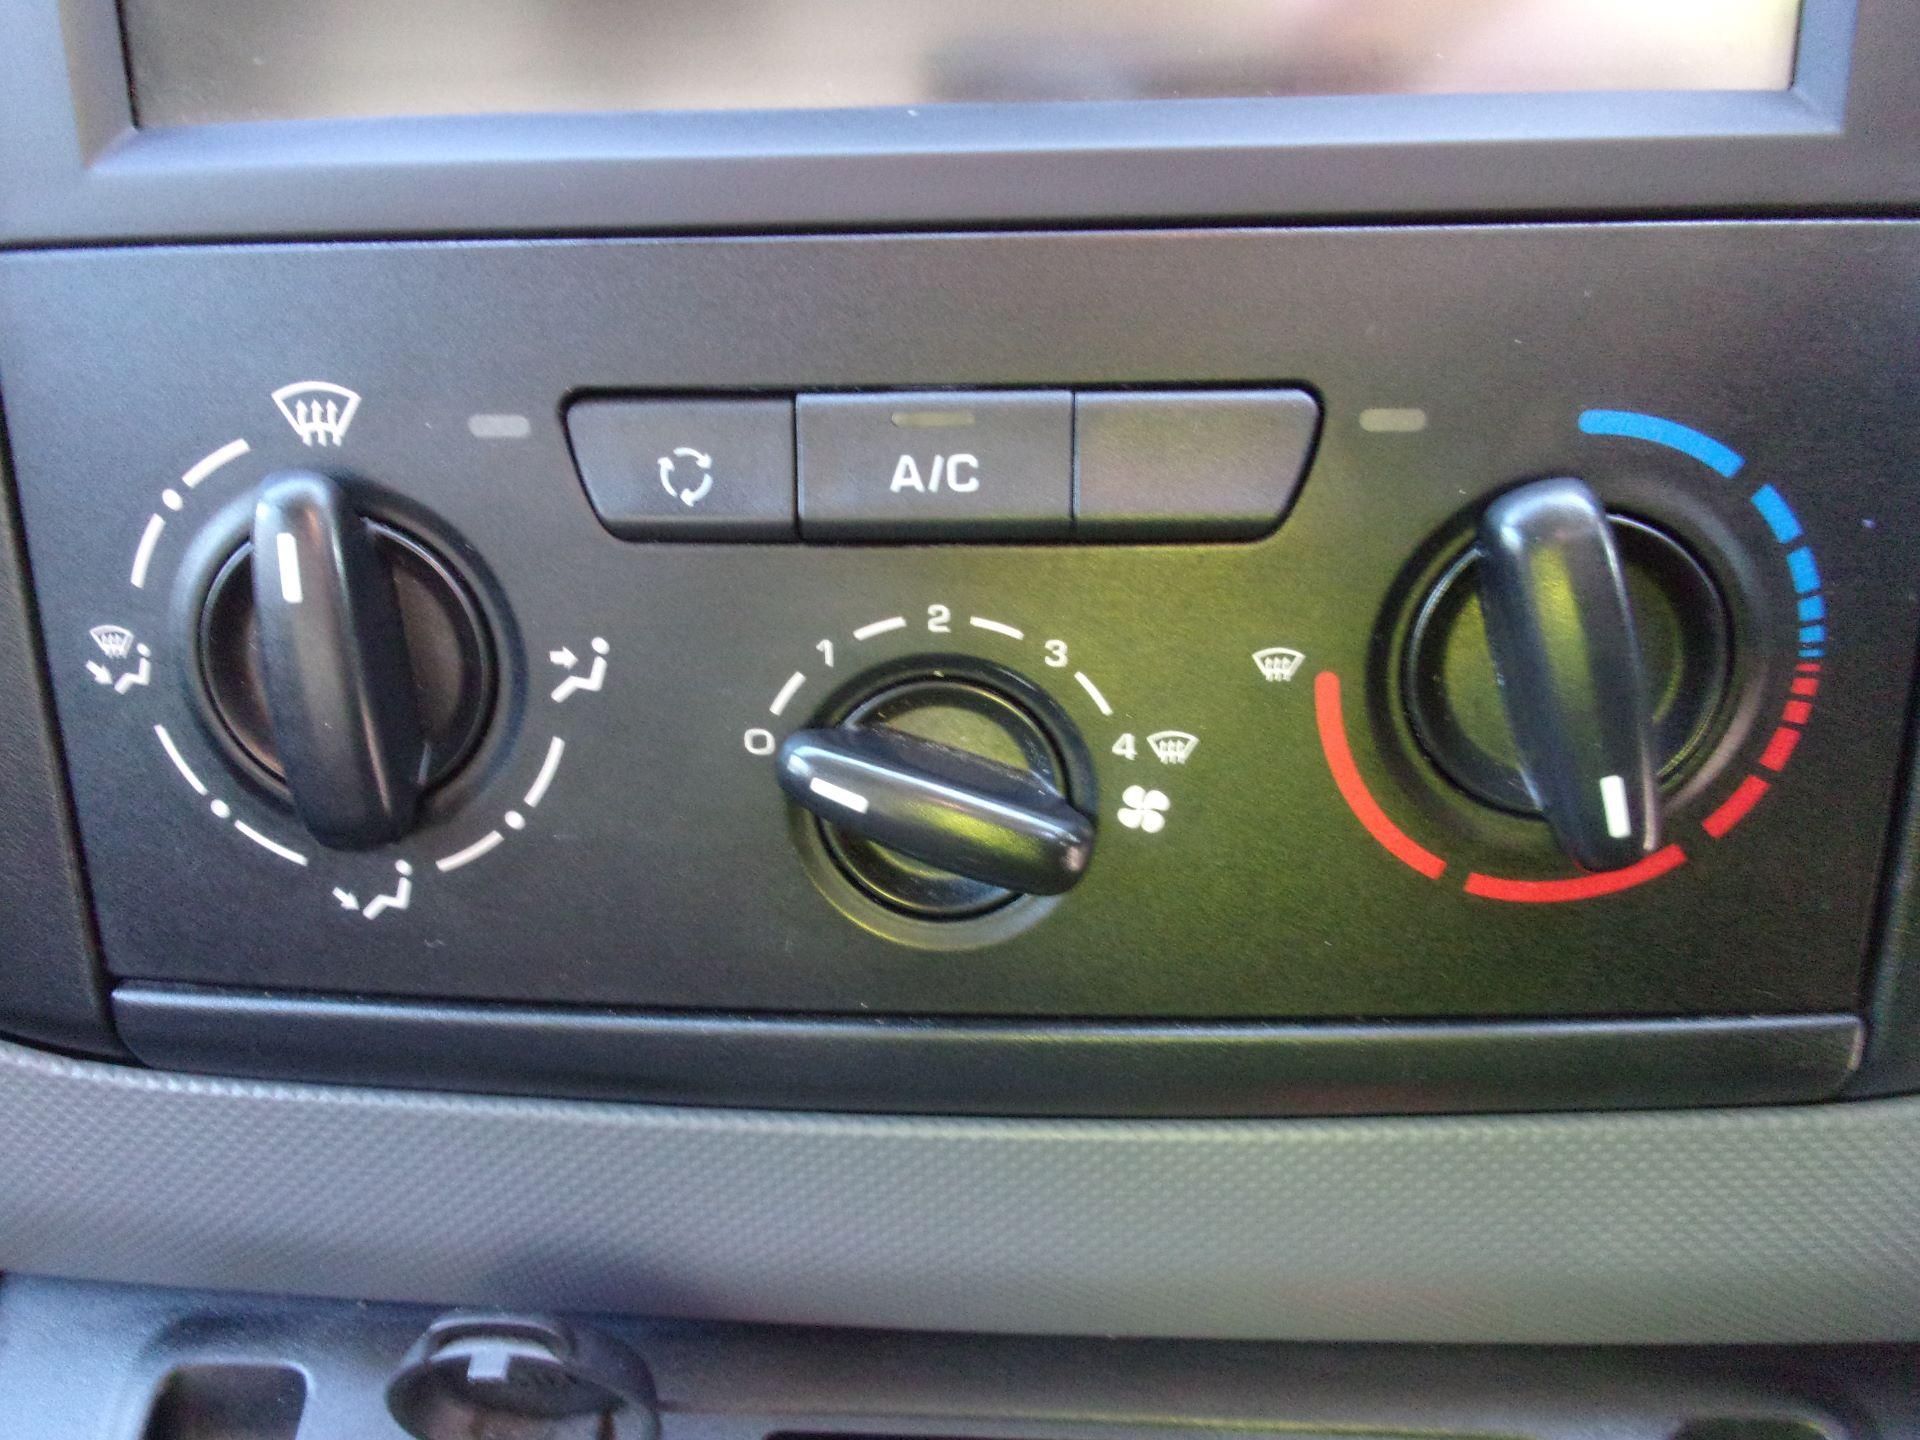 2017 Peugeot Partner L1 850 1.6 BLUEHDI 100PS PROFESSIONAL (NON S/S) EURO 6 (NV17OMB) Image 8